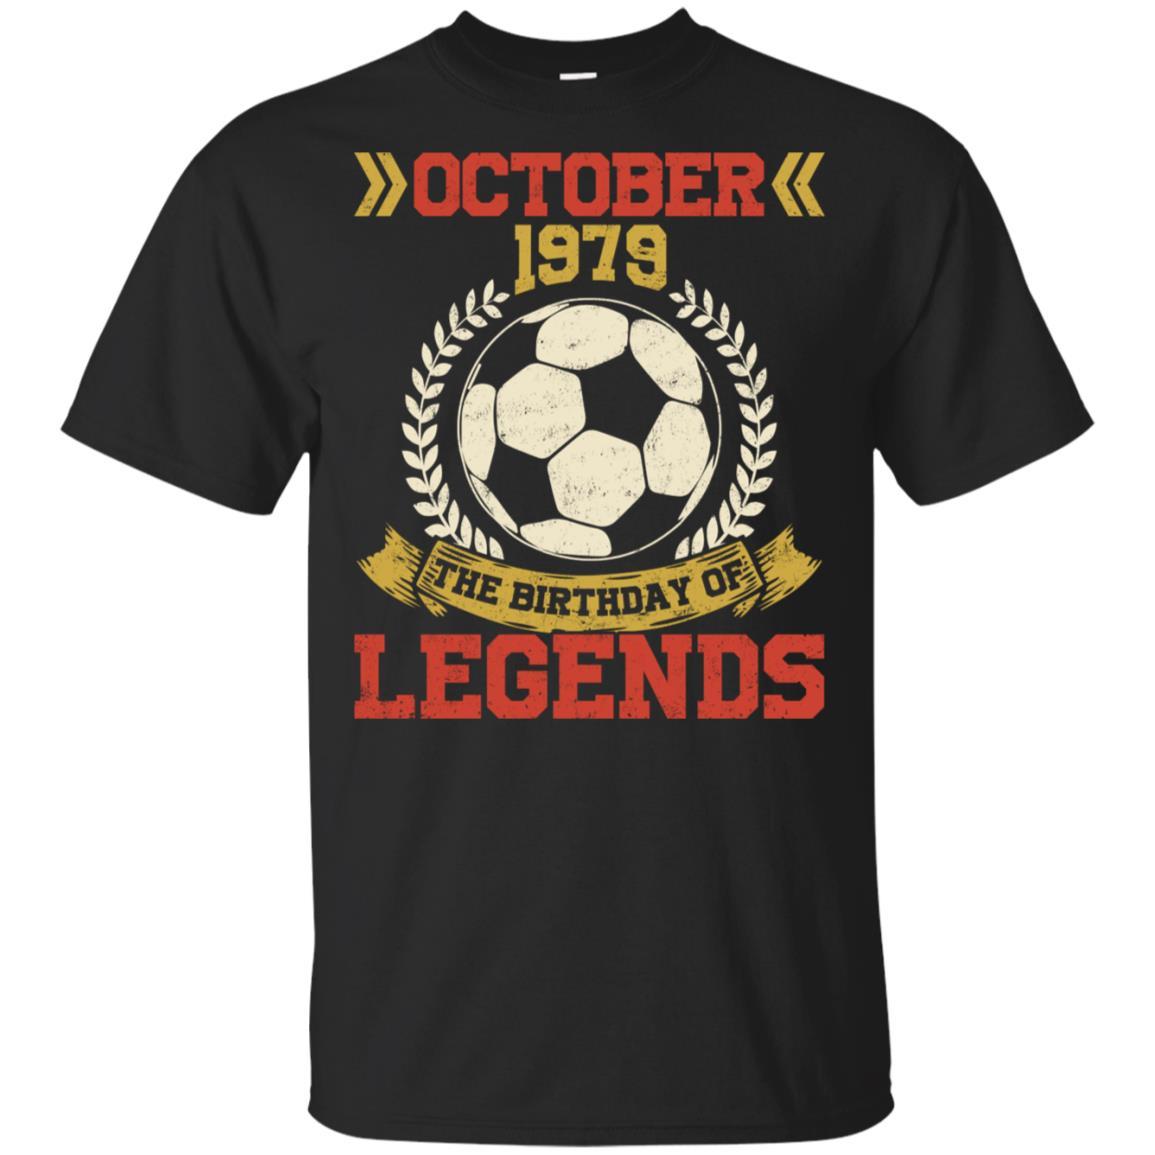 1979 October 39th Birthday Of Football Soccer Legend Unisex Short Sleeve